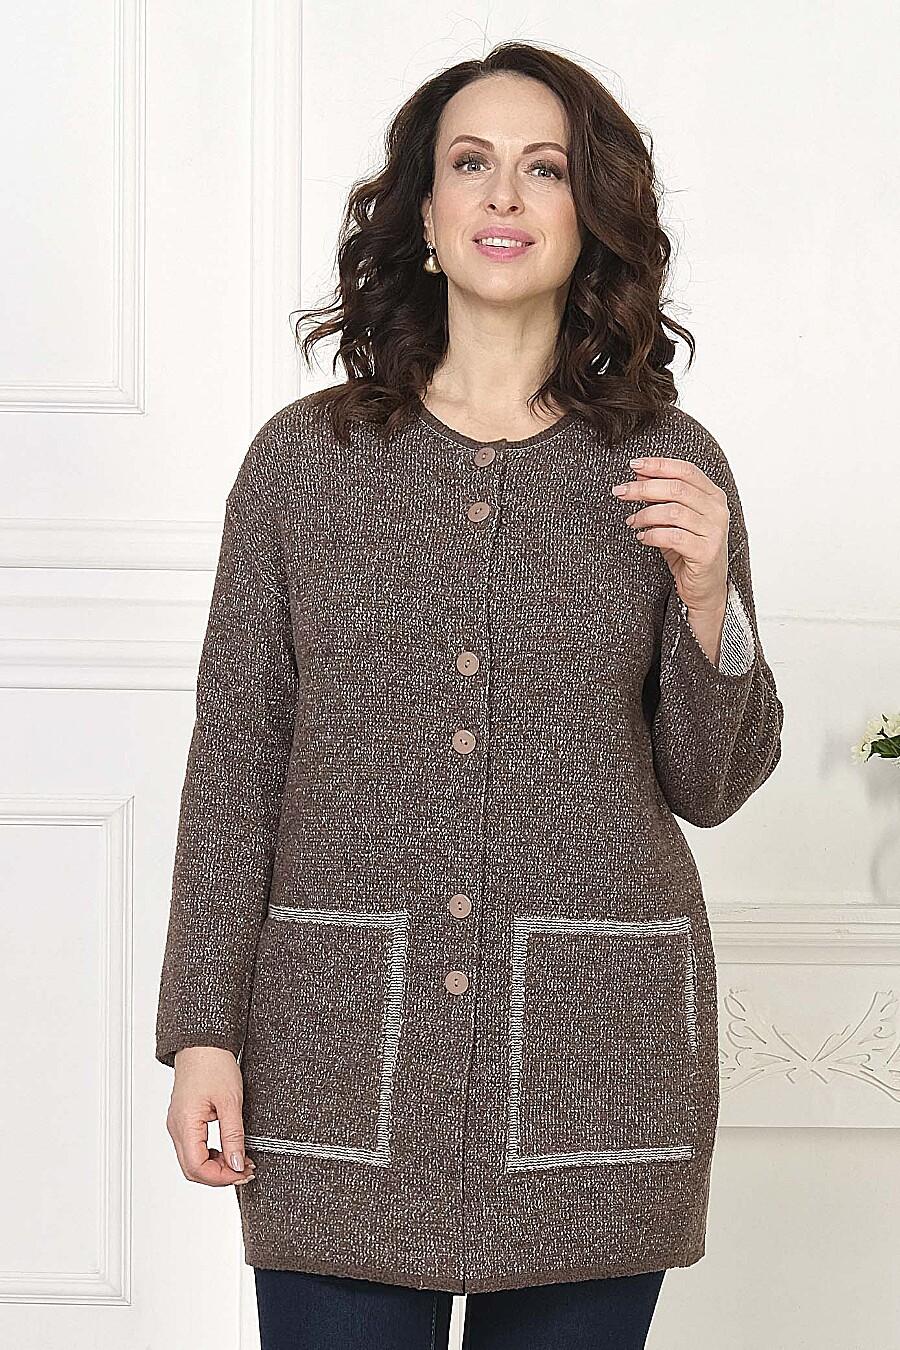 Кардиган для женщин ANKOLI 184408 купить оптом от производителя. Совместная покупка женской одежды в OptMoyo